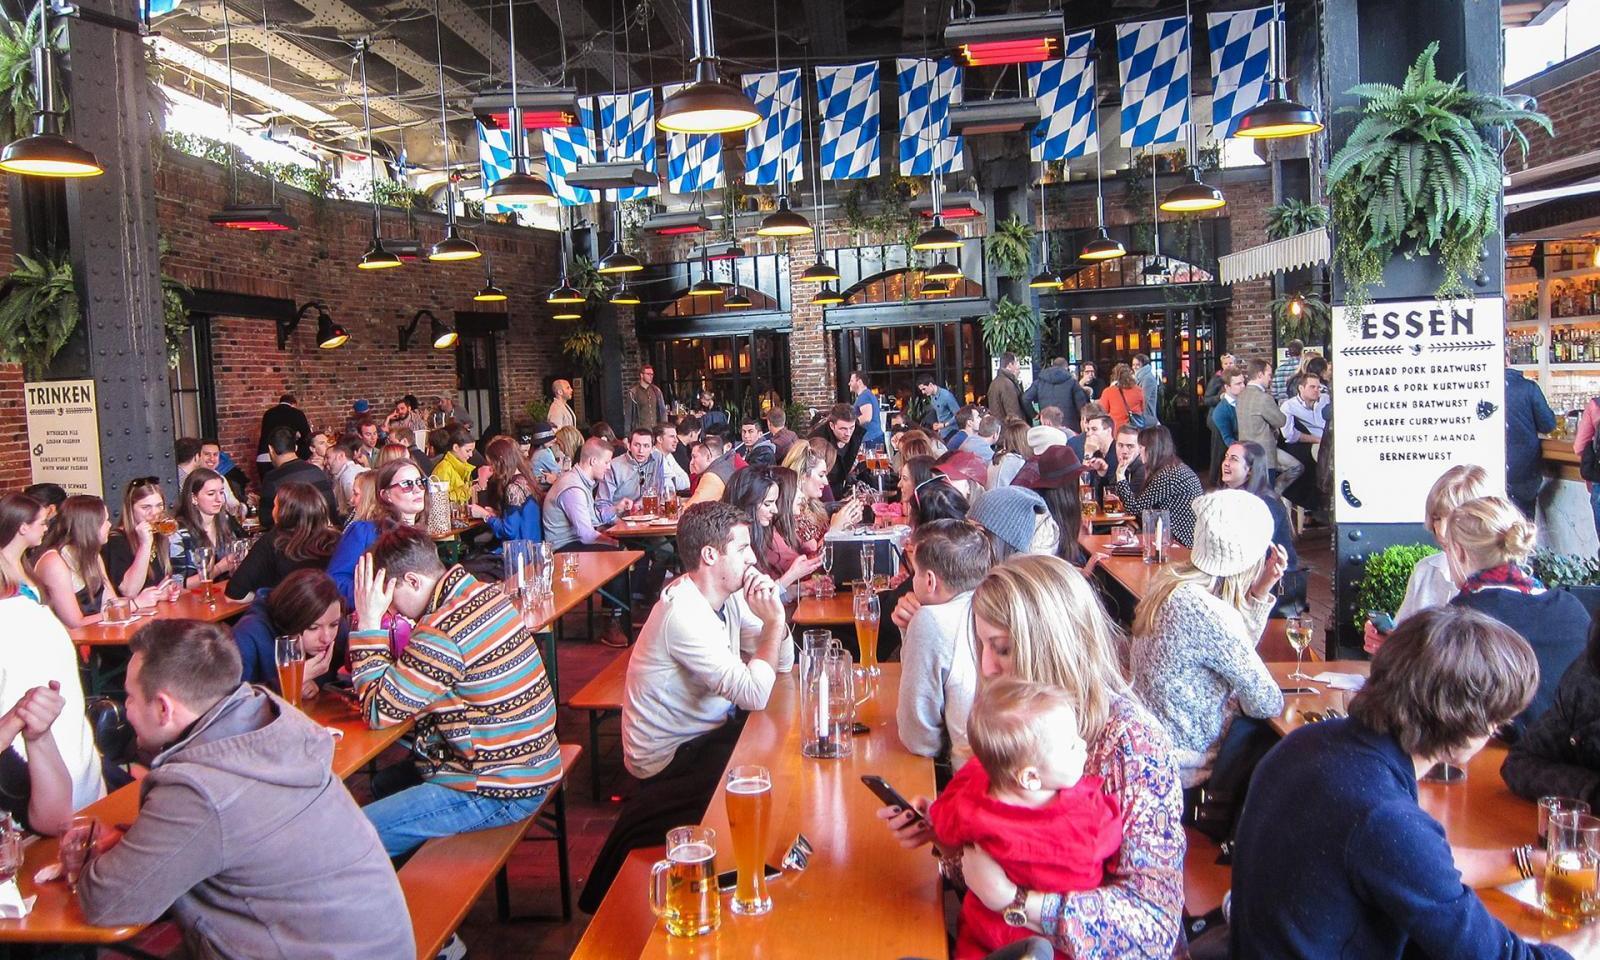 ᐅ Die Besten Biergarten In New York